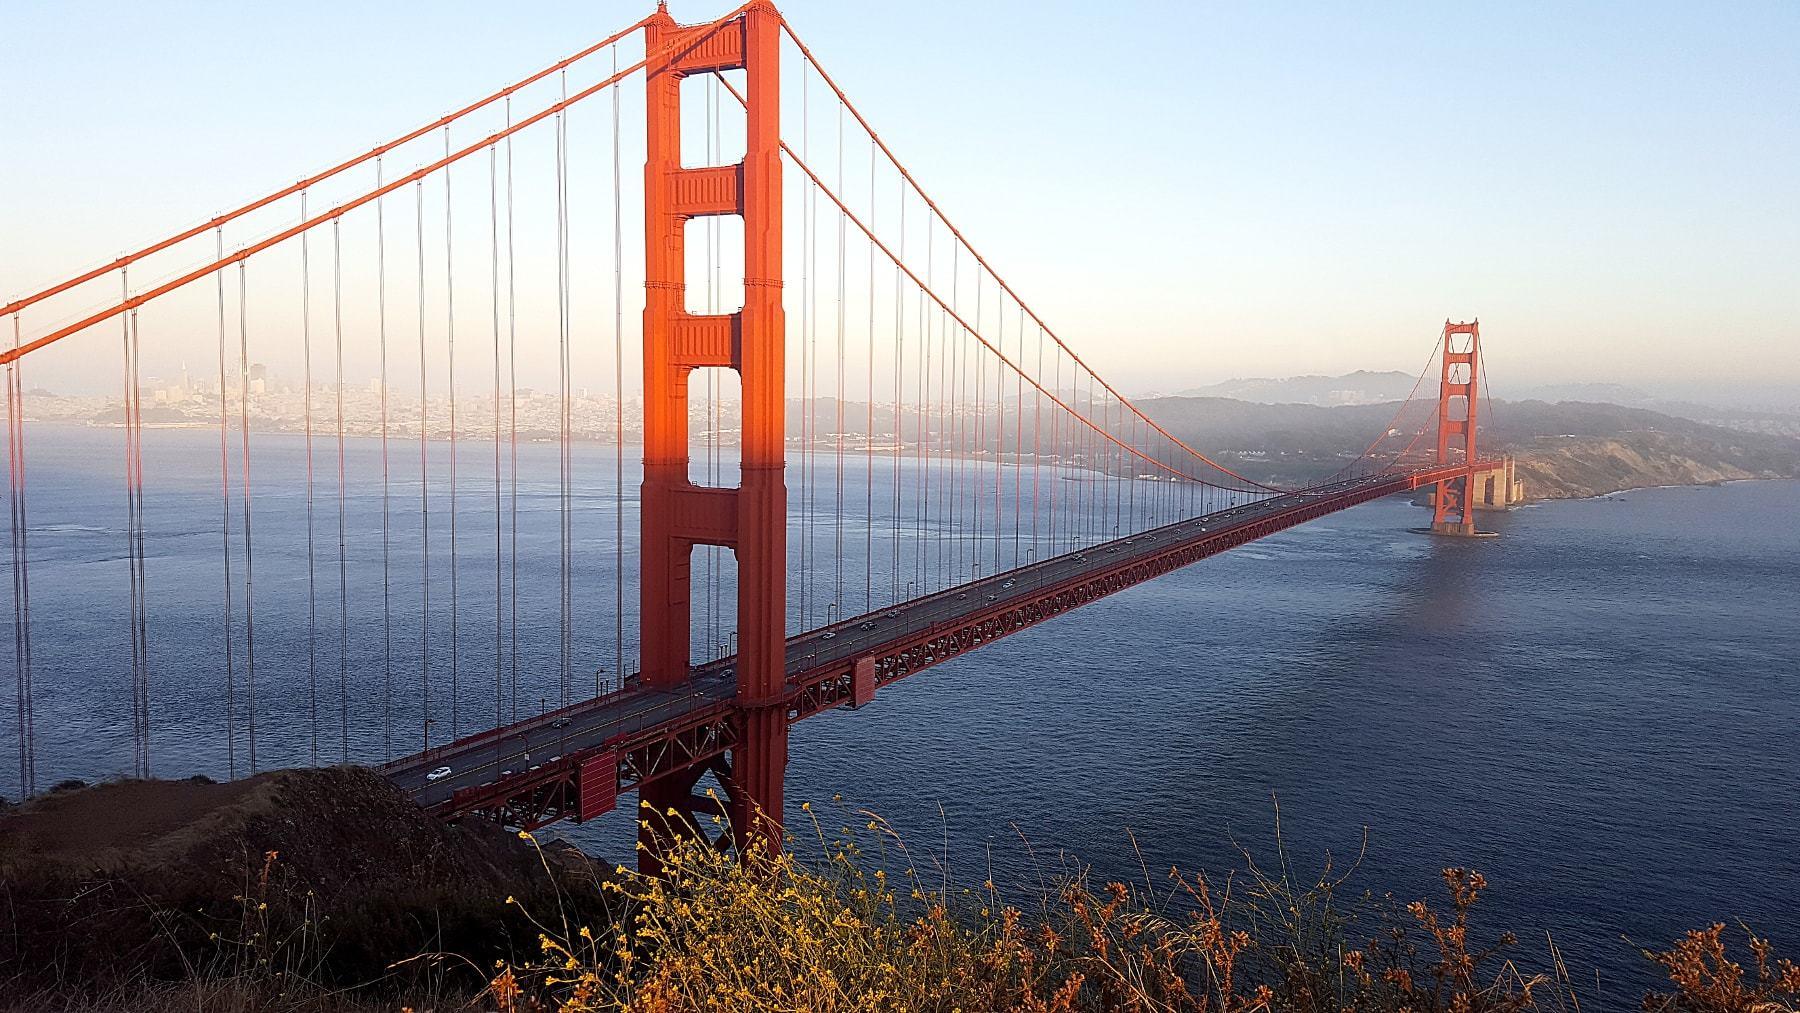 Golden Gate Bridge au coucher de soleil_5 jours à San Francisco